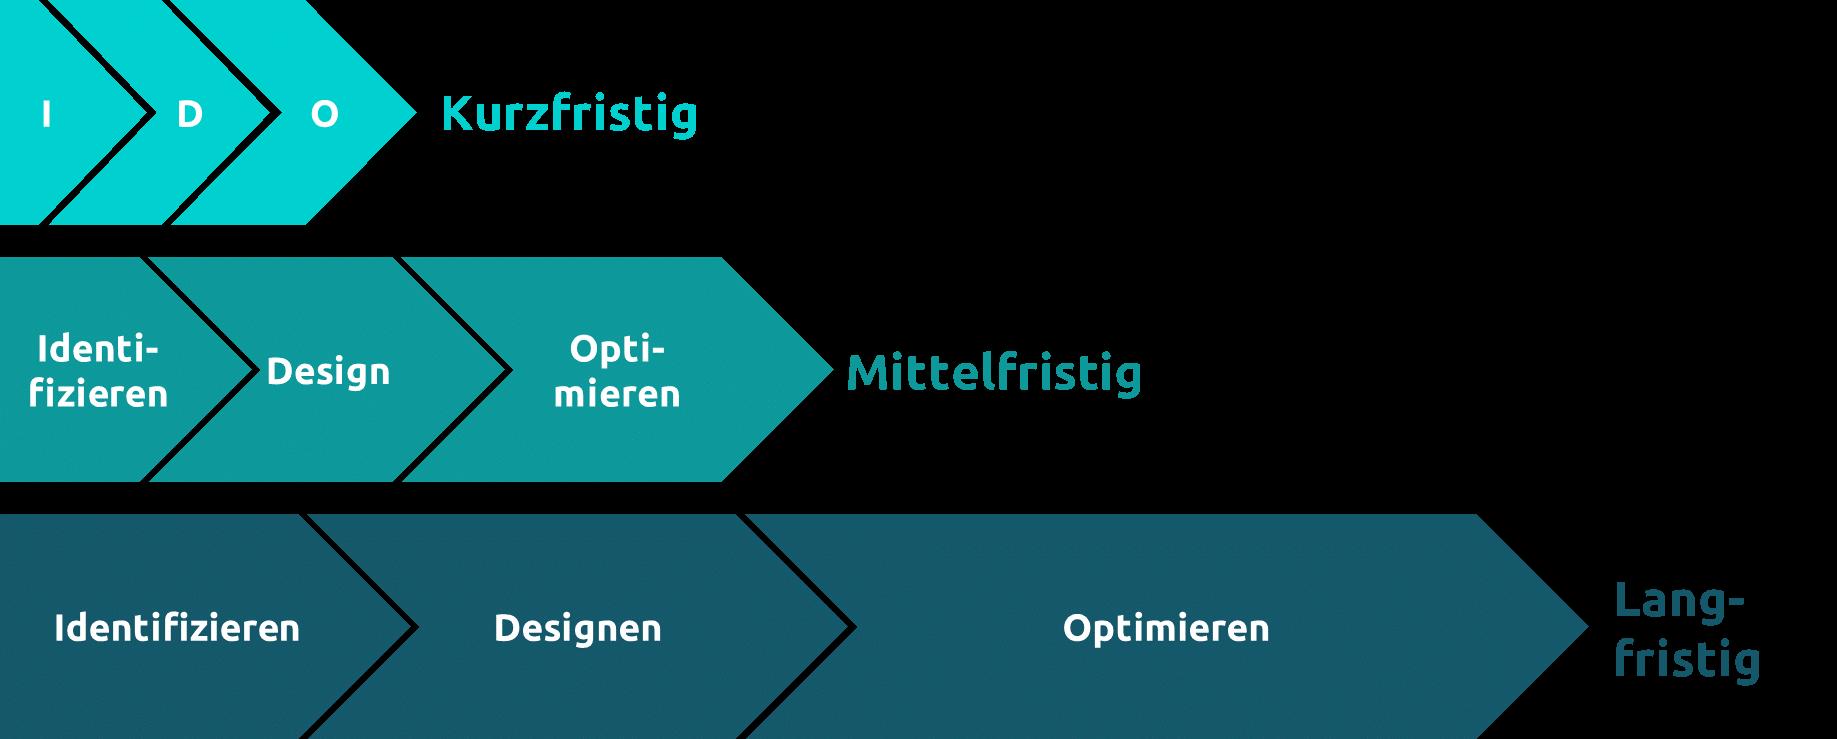 Parallele-Initiativen-und-iteratives-Vorgehen-zwischen-den-Phasen_Capgemini-Invent